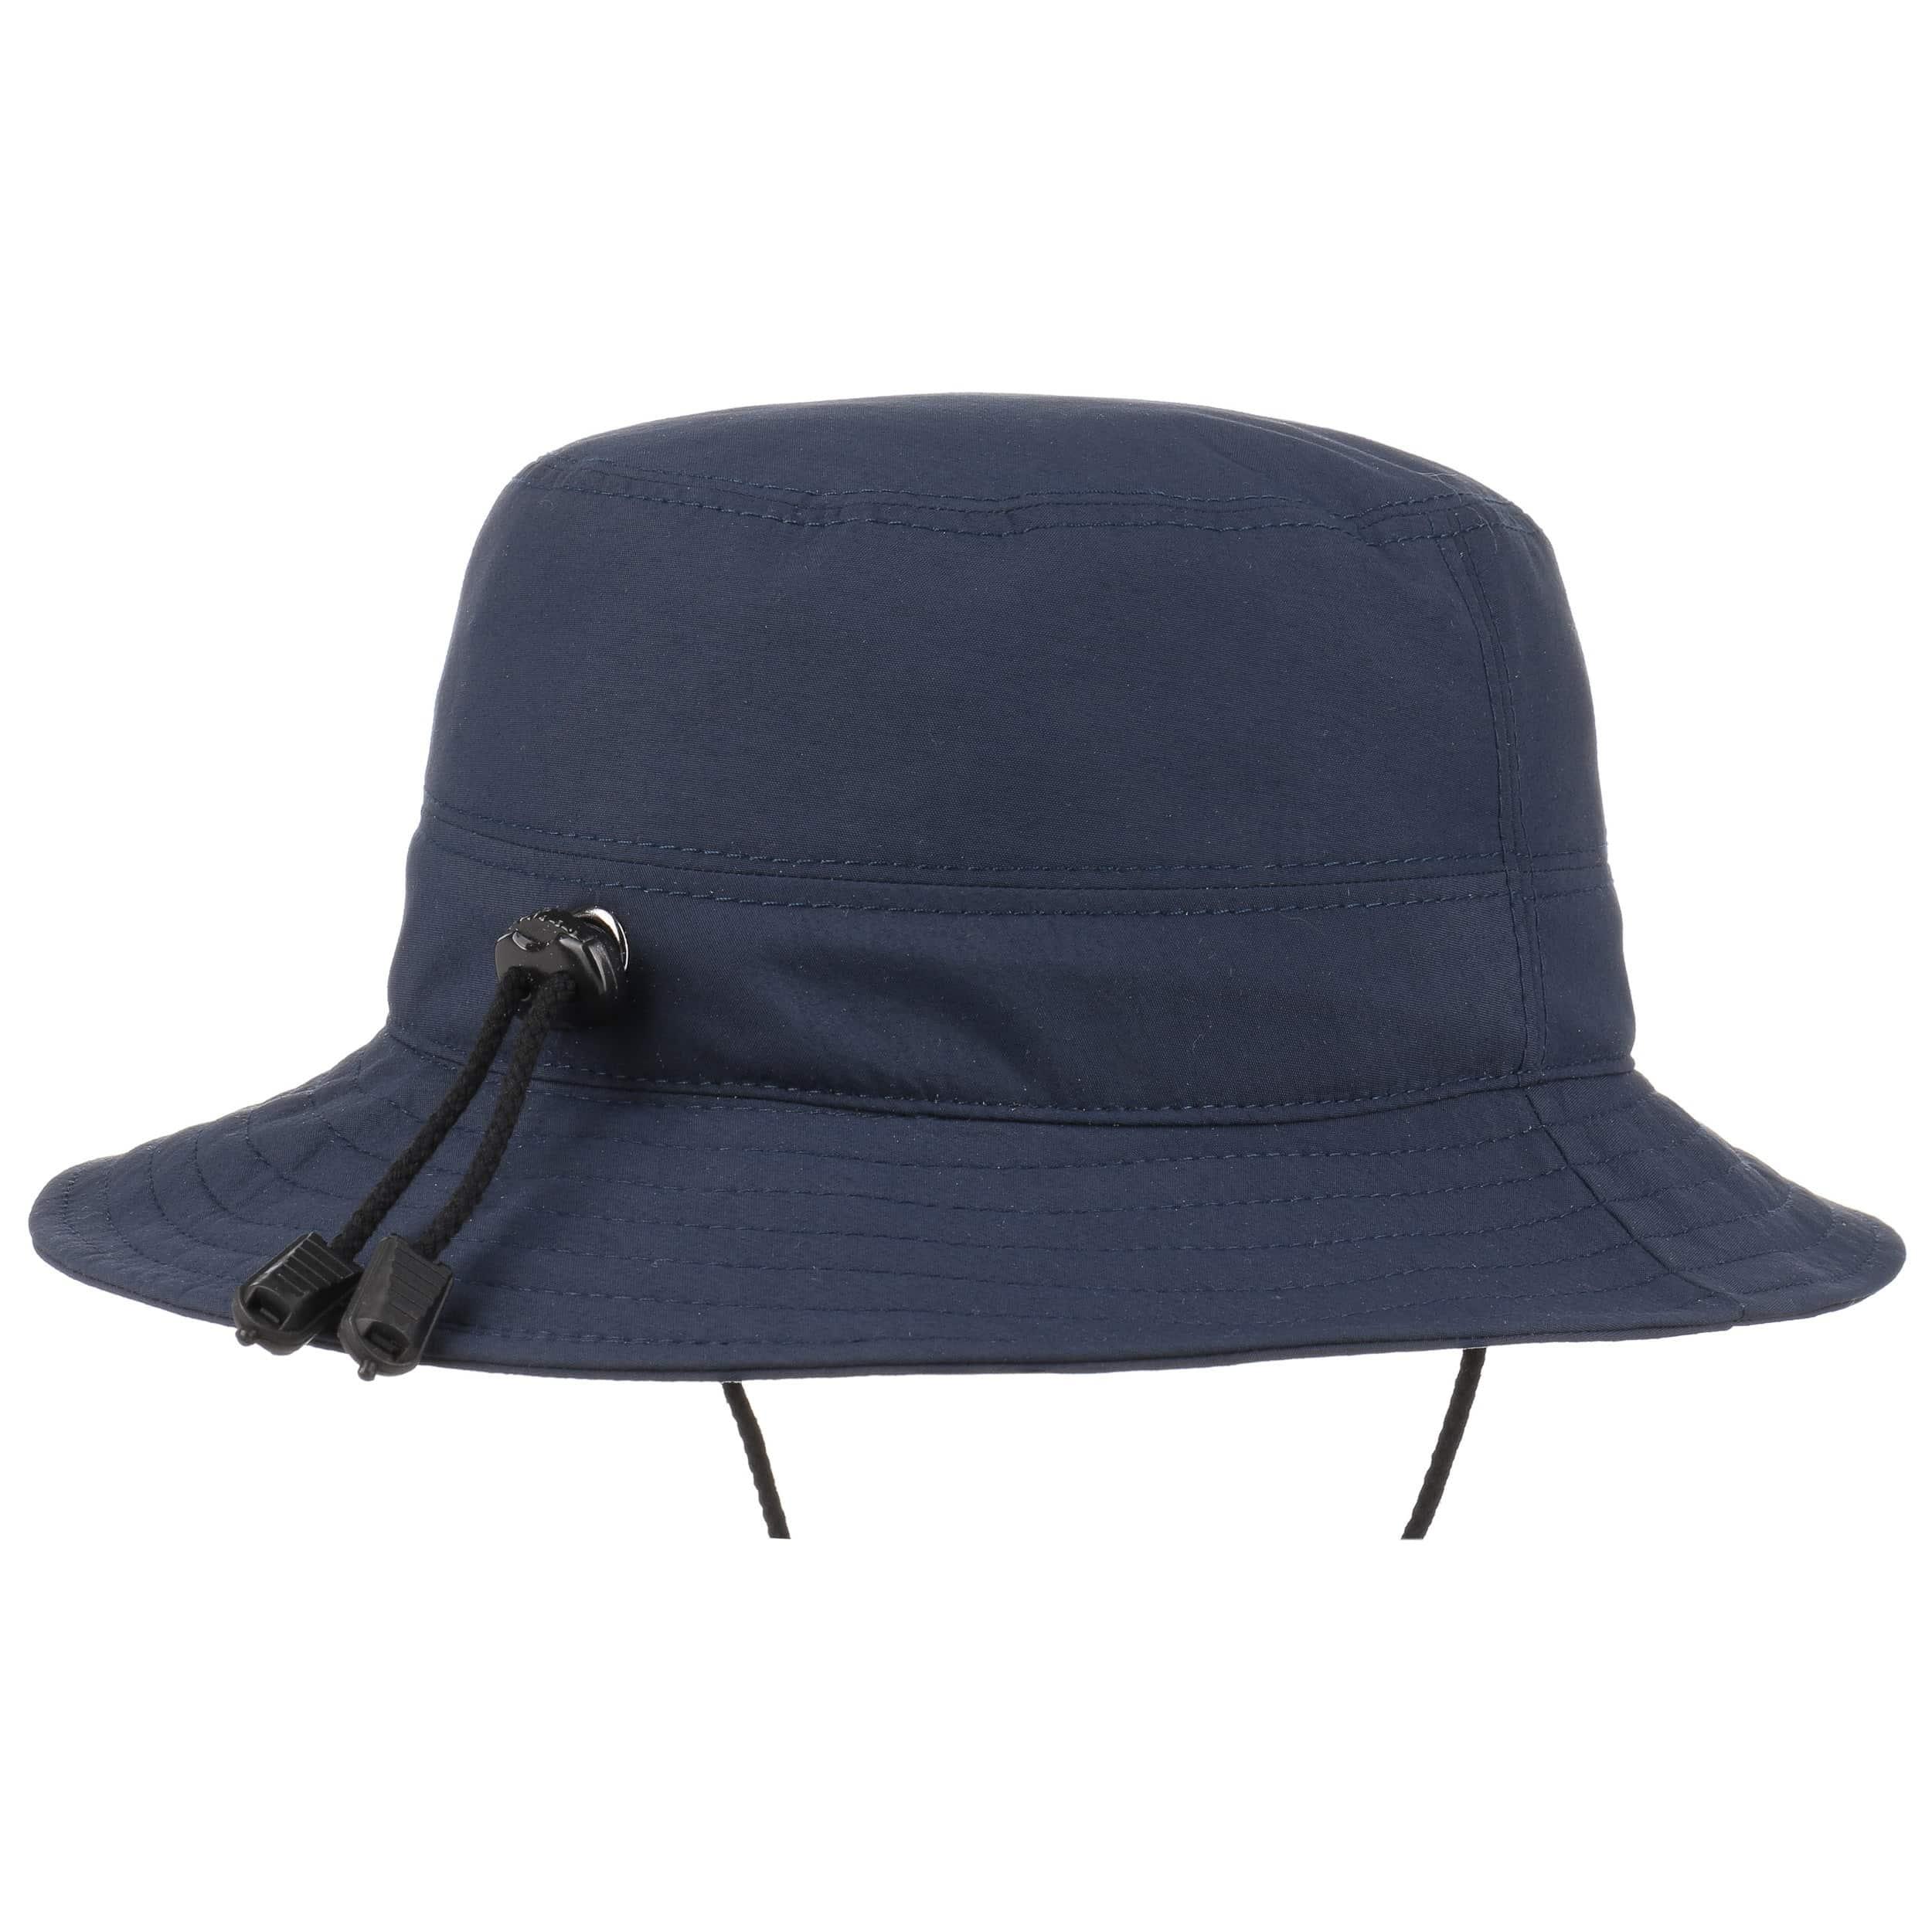 ... Gore-Tex Bucket Rain Hat by Lierys - navy 3 ... aa11c5076c5